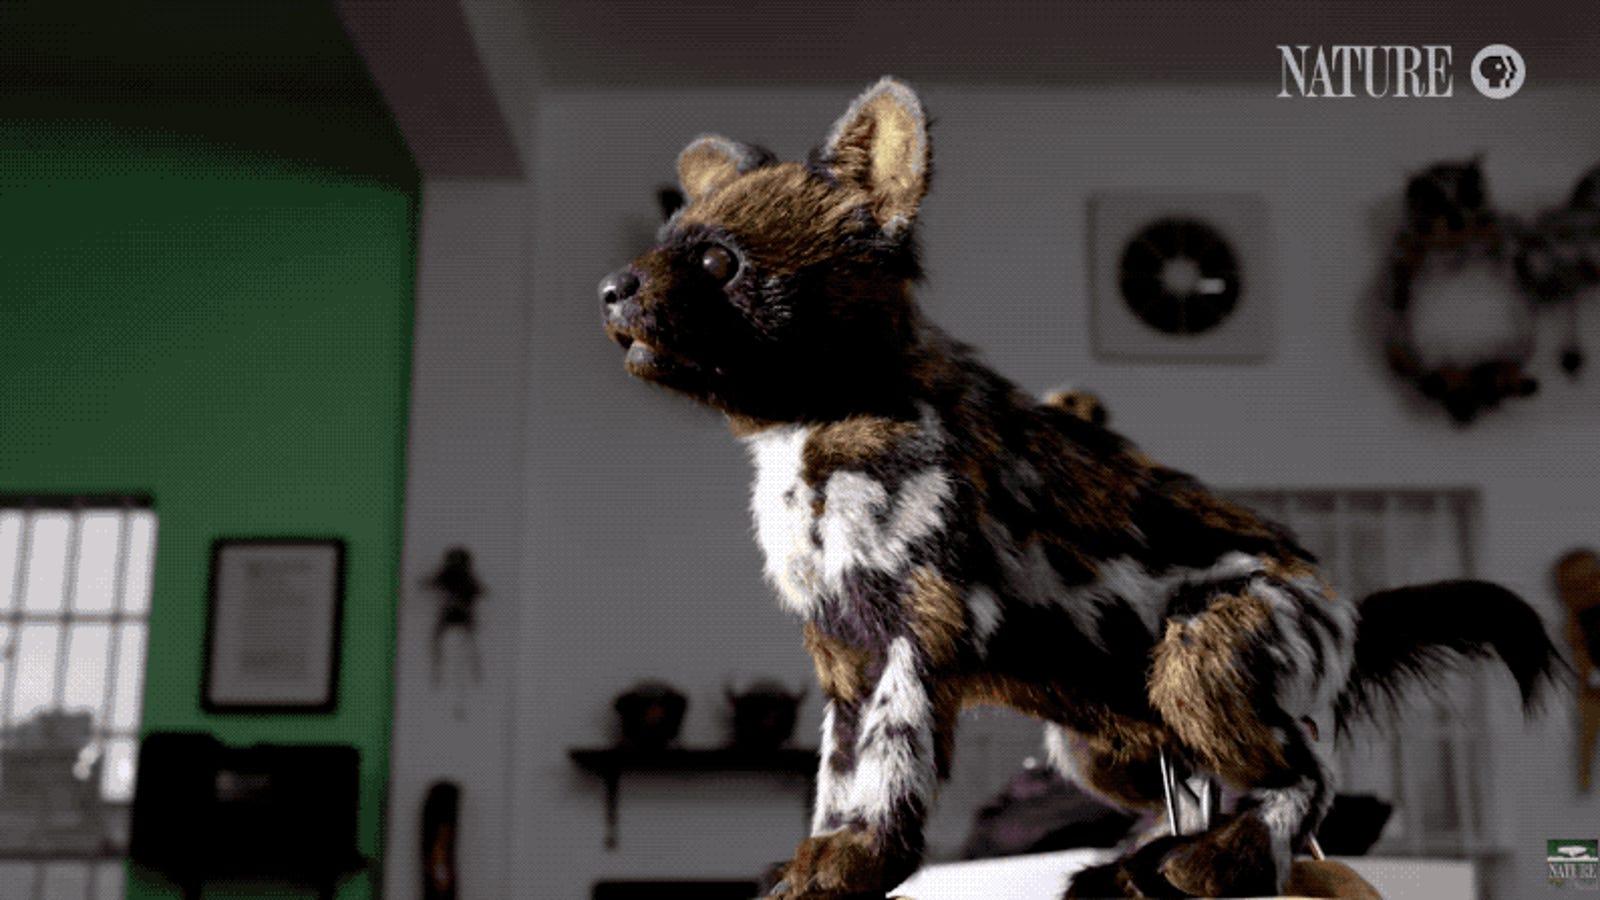 Así son por dentro las sofisticadas marionetas que emplea la BBC para grabar animales con cámara oculta